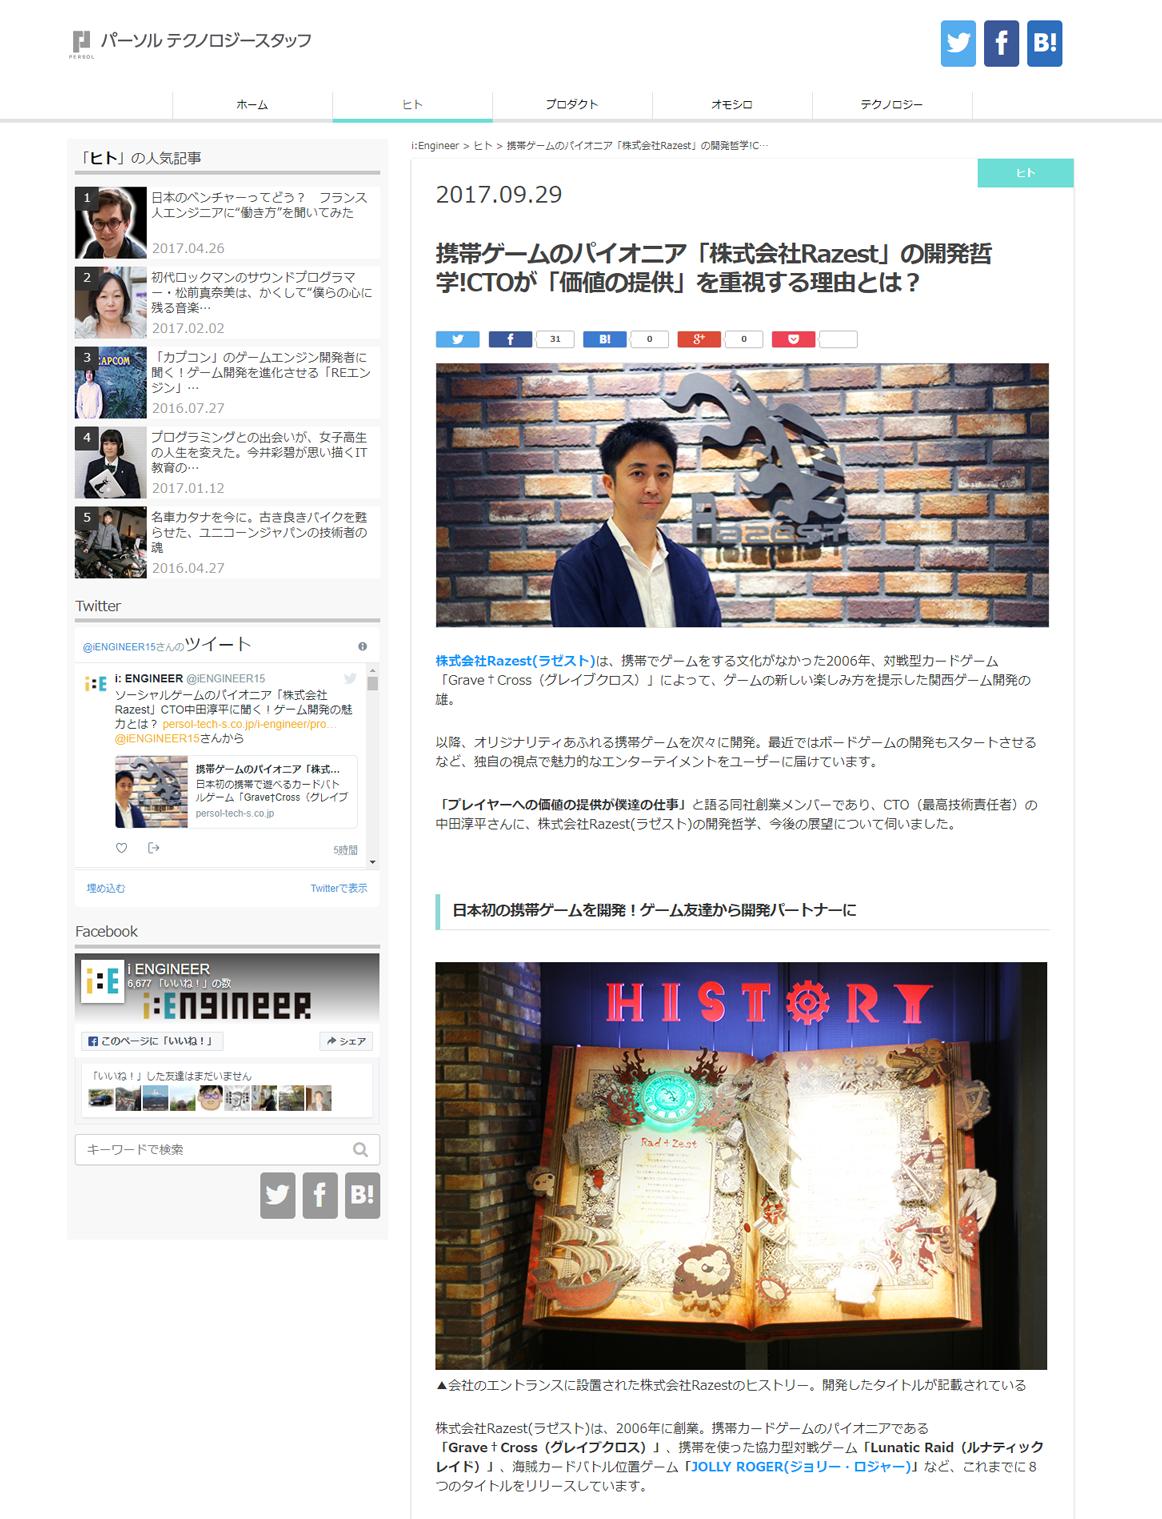 中田さんインタビュー記事